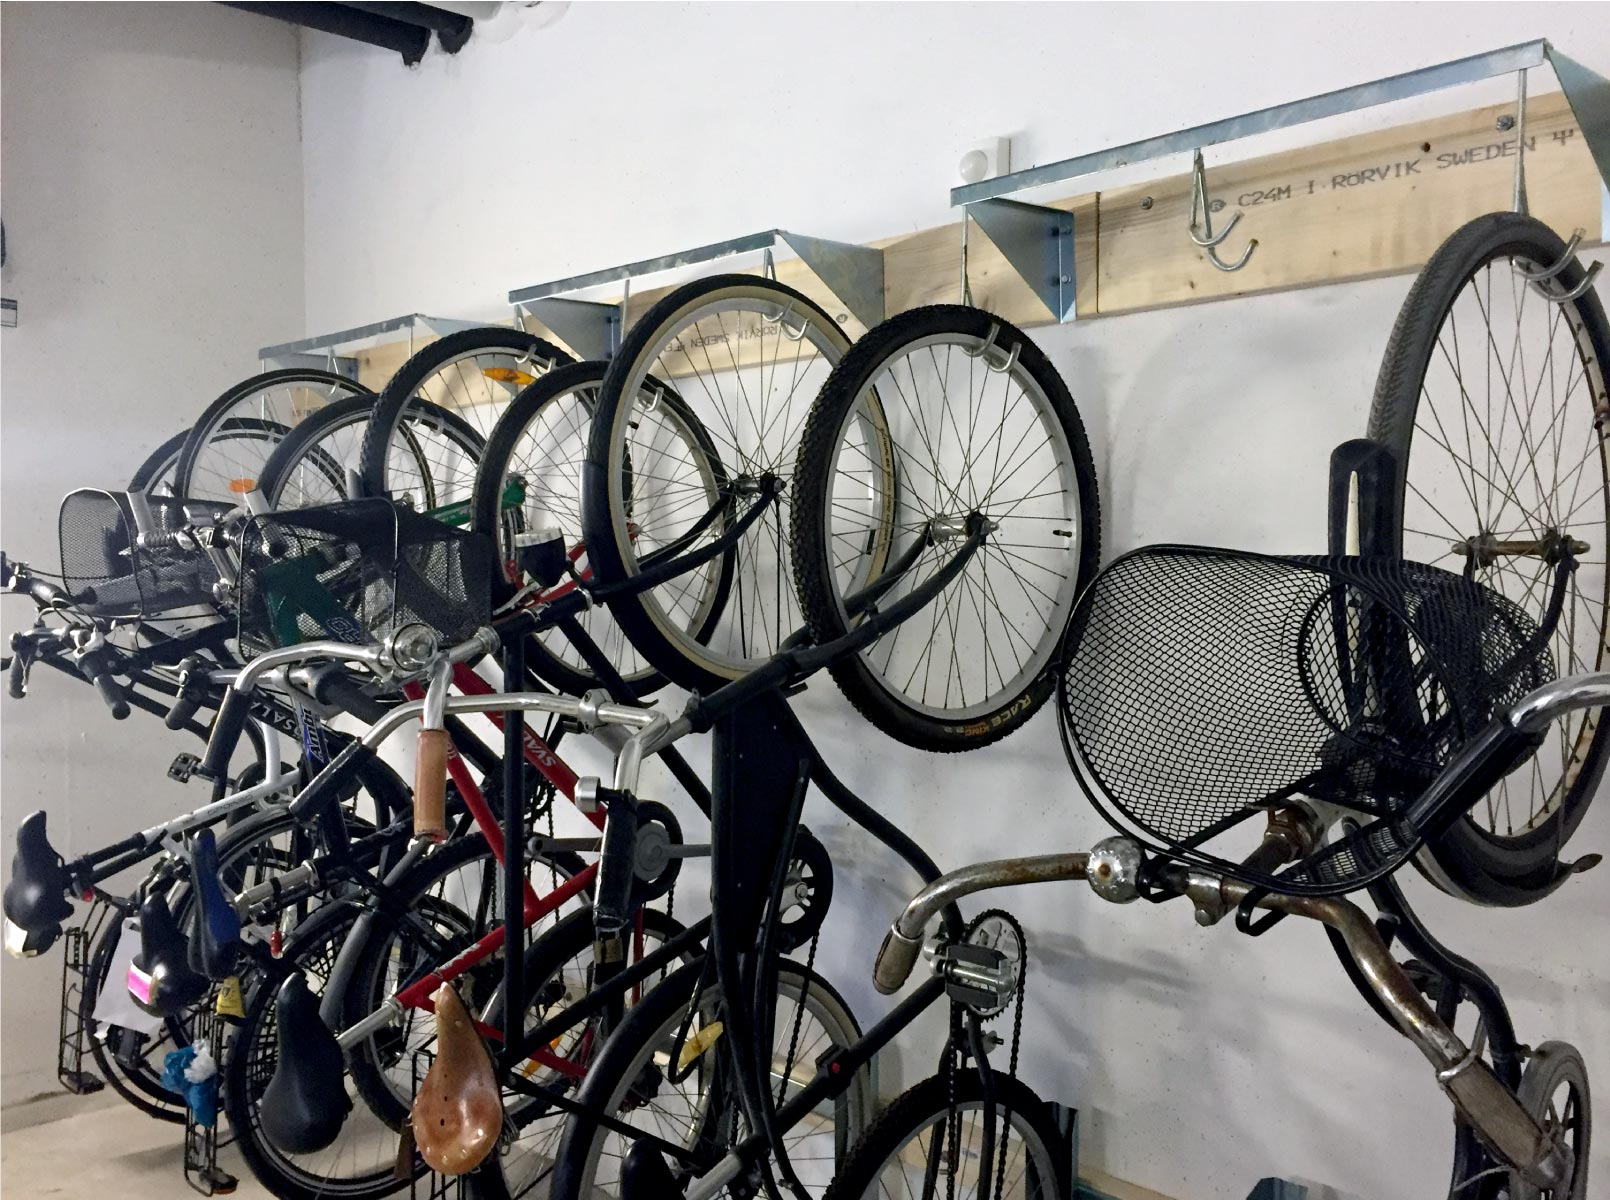 Pyöräteline Rotoflex jossa pyörä ovat pystyasennossa karuselli tyyppisessä telineessä, takrarengas pysyy omassa kourussa joten pyörät ei silloin heilu tai tönii